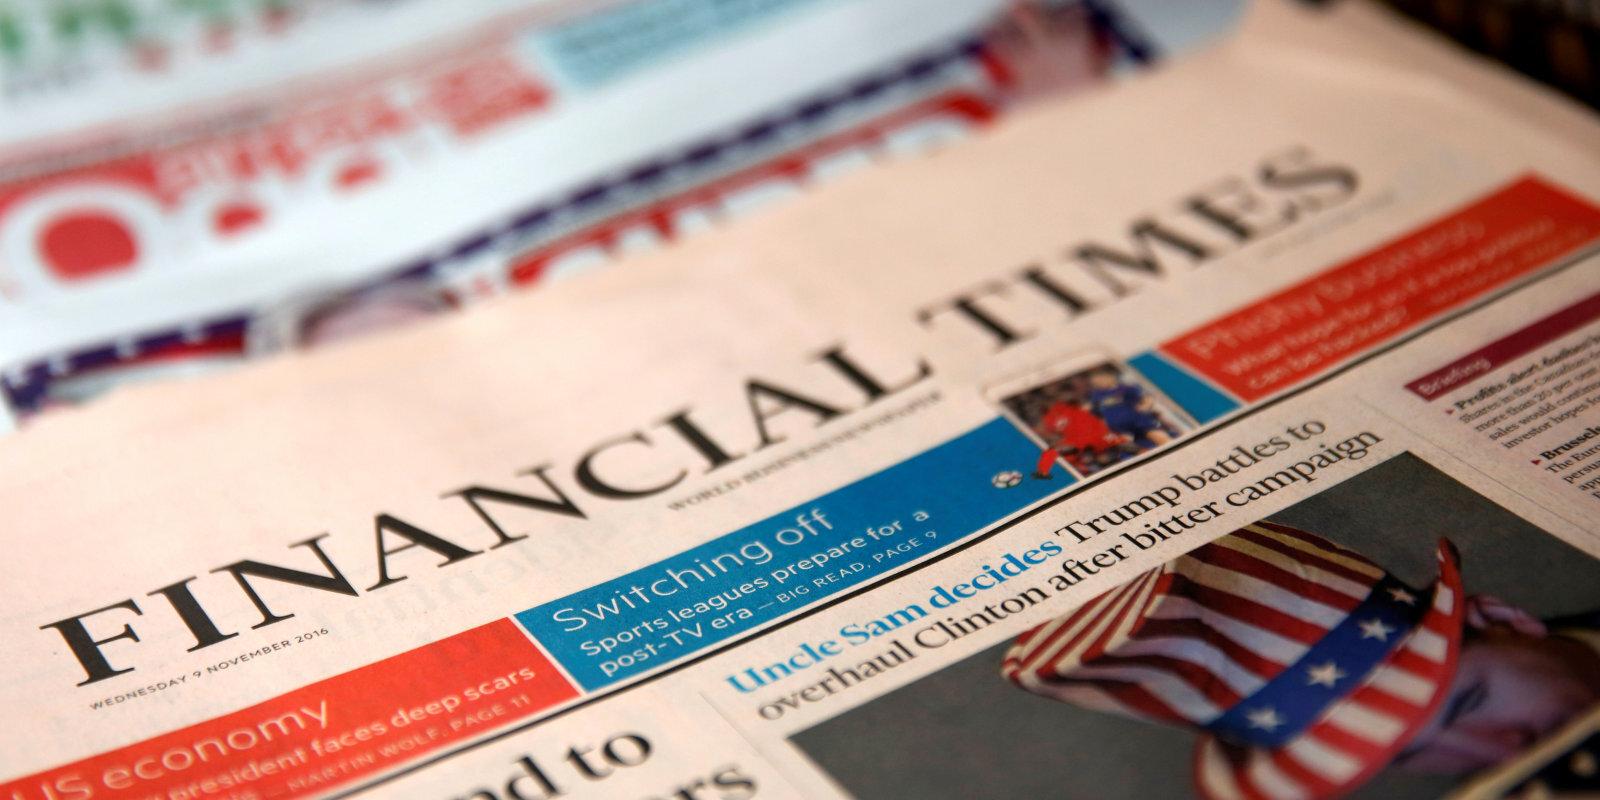 Семь латвийских компаний попали в топ-1000 Financial Times. Кто они?